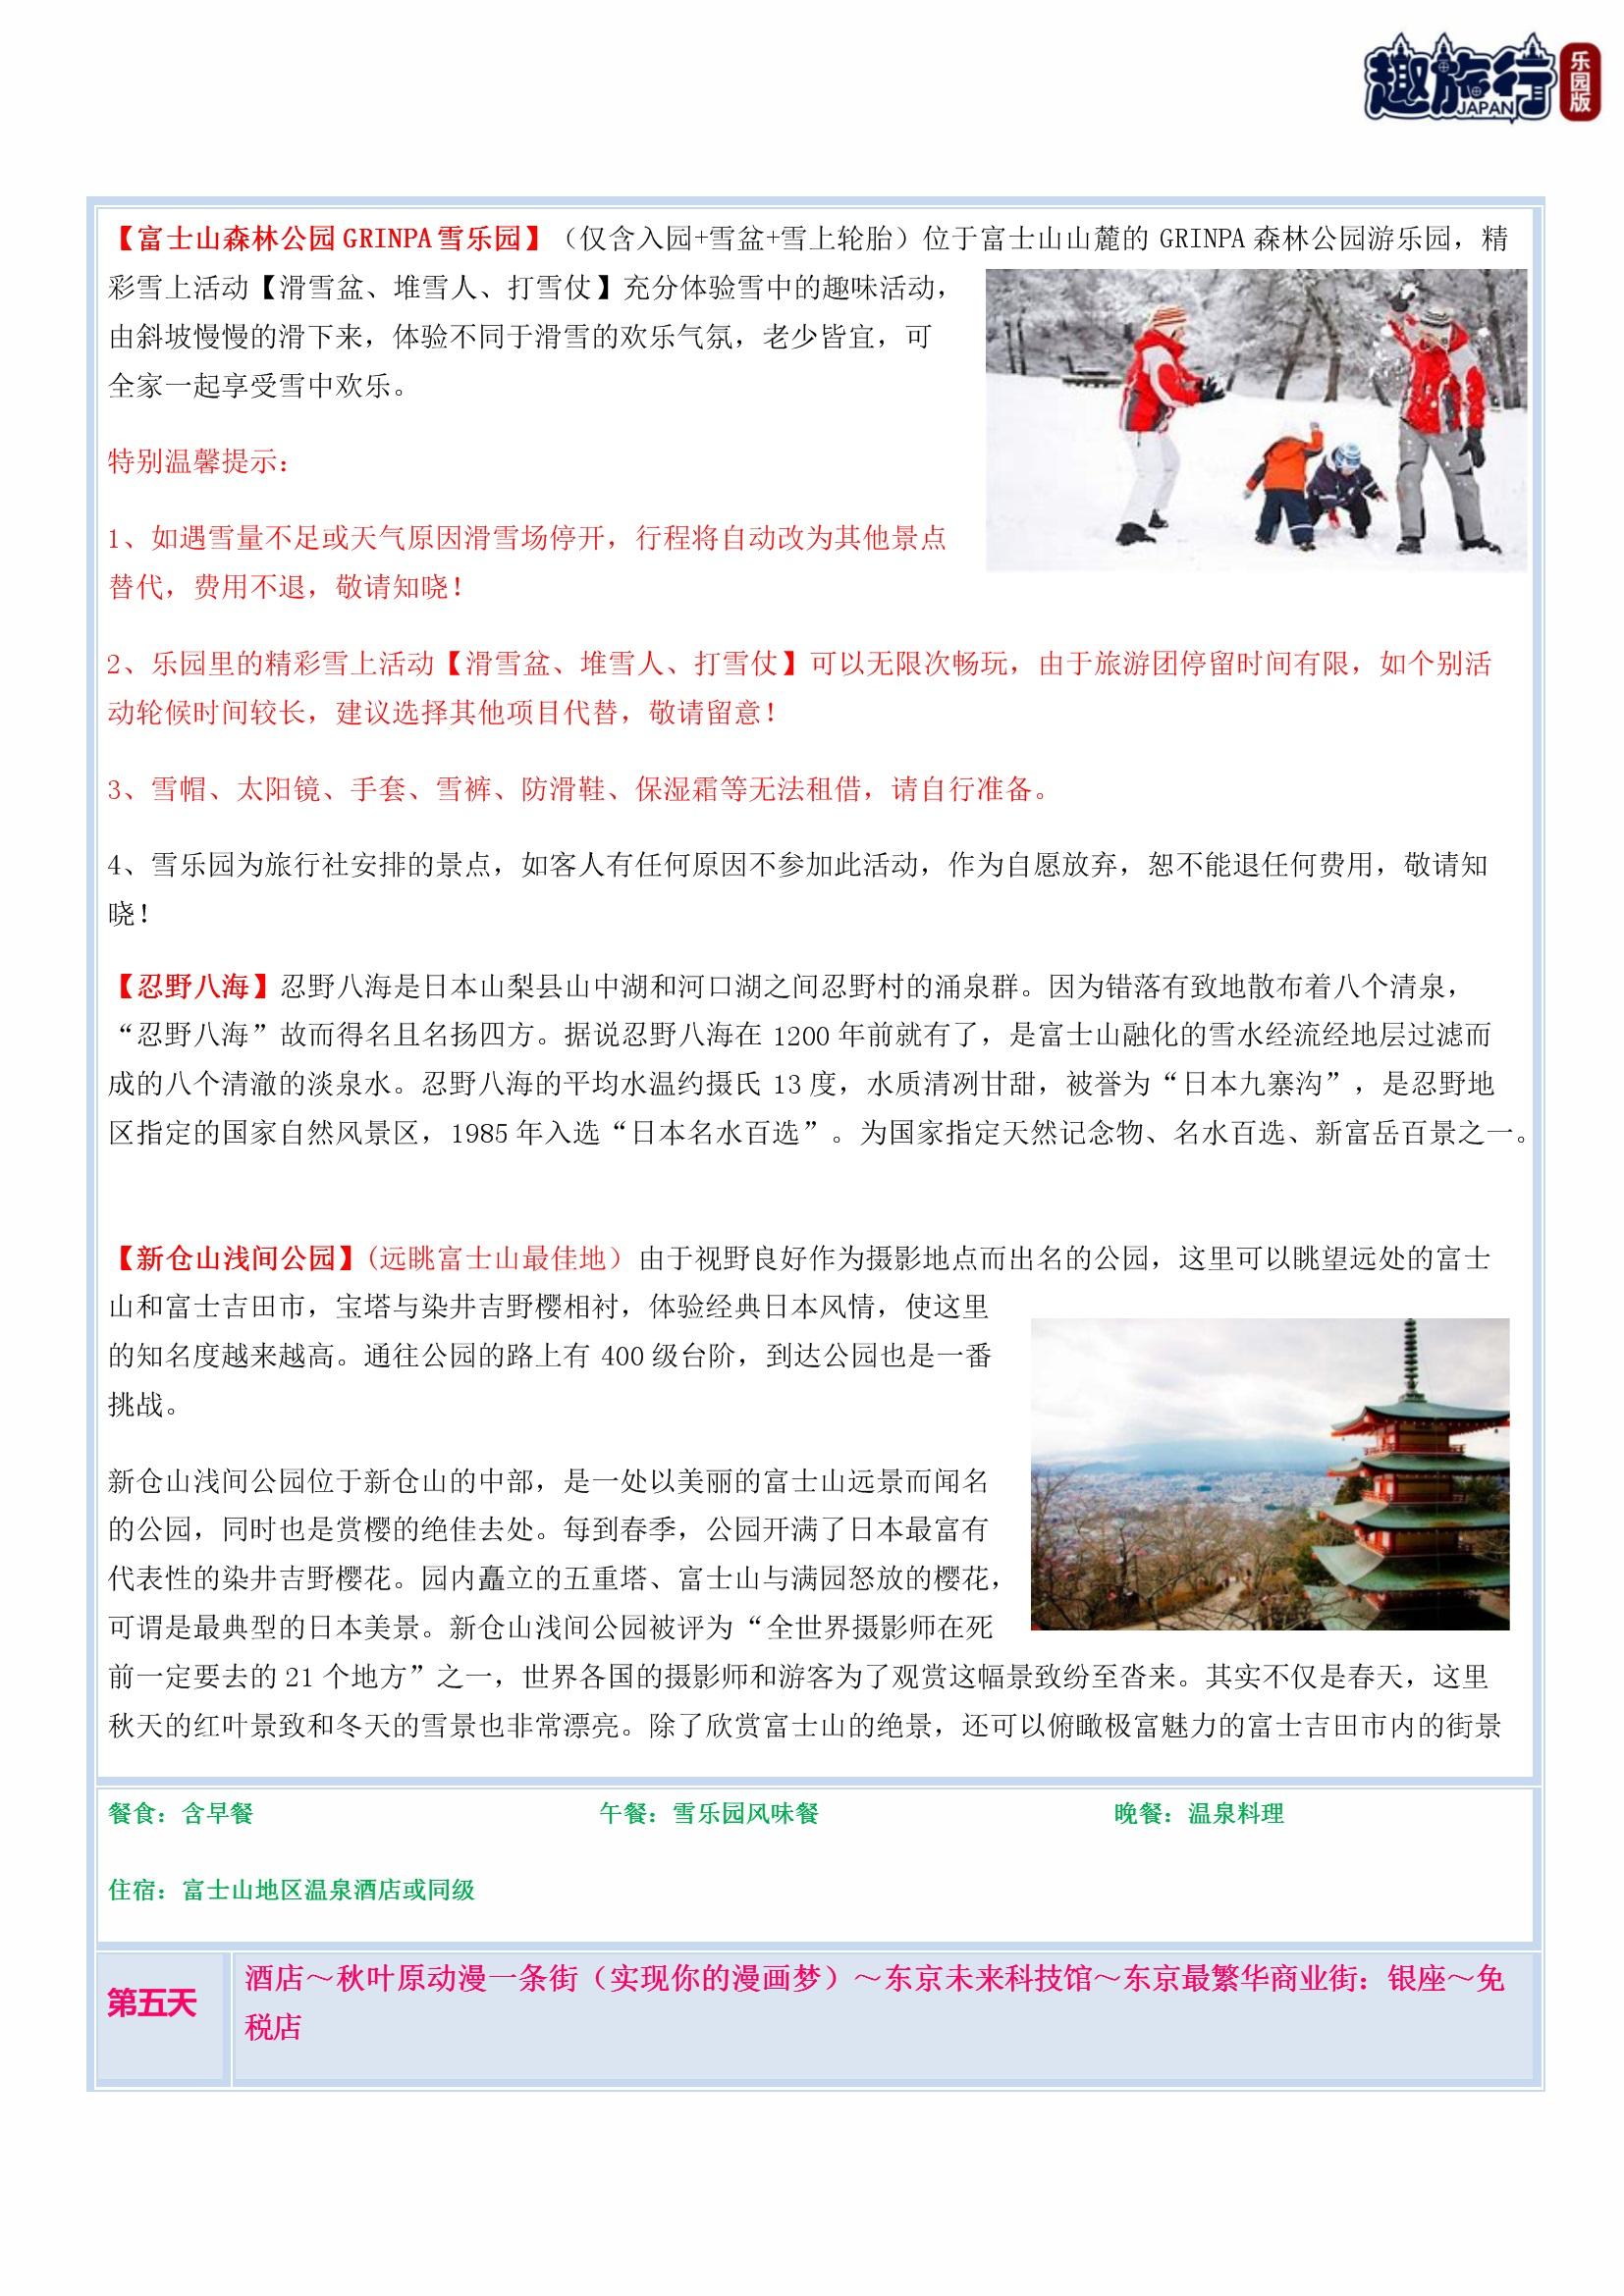 寒假双乐园 (11).jpg